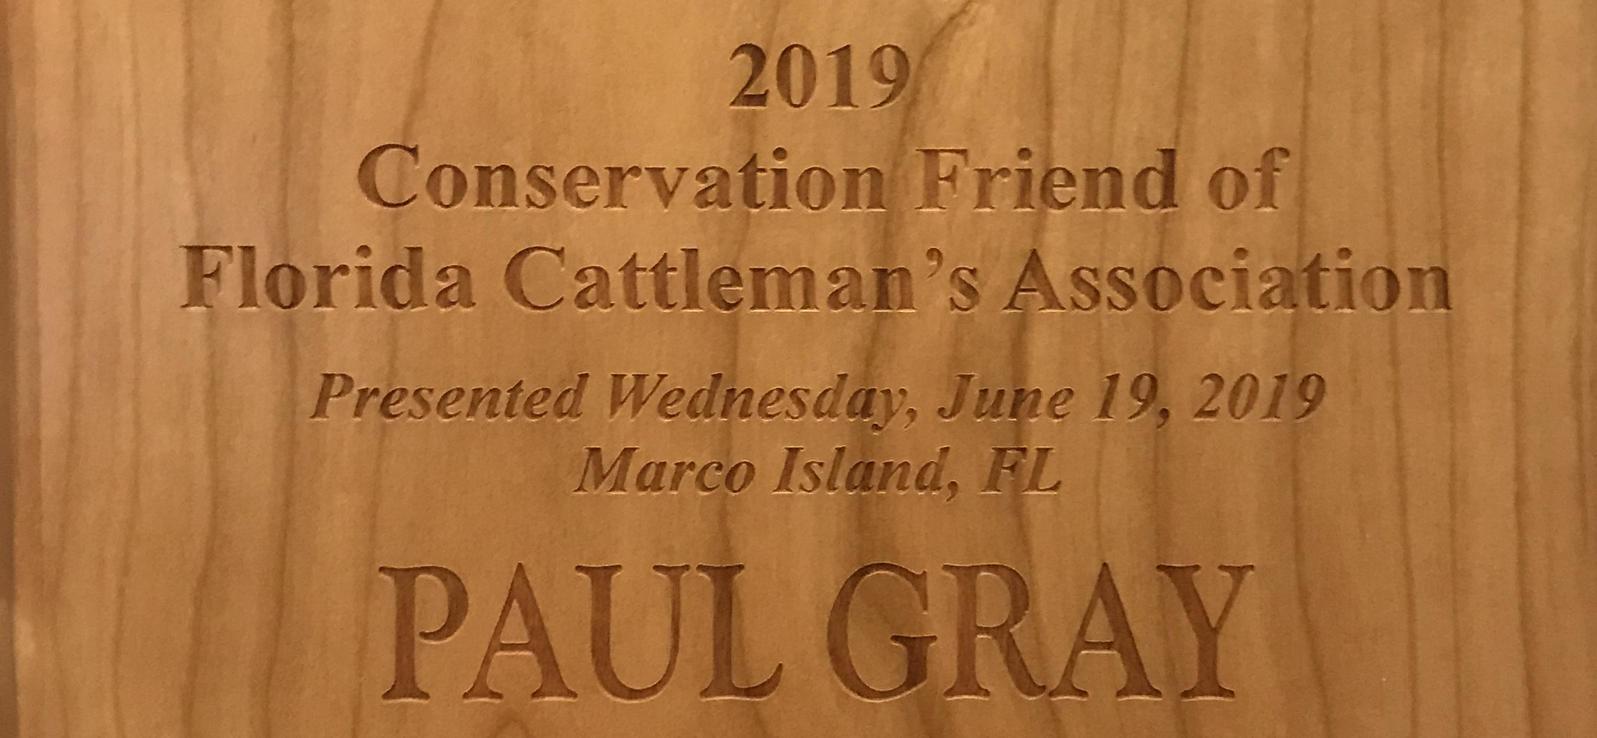 cattlemen's association, conservation, audubon florida, paul gray